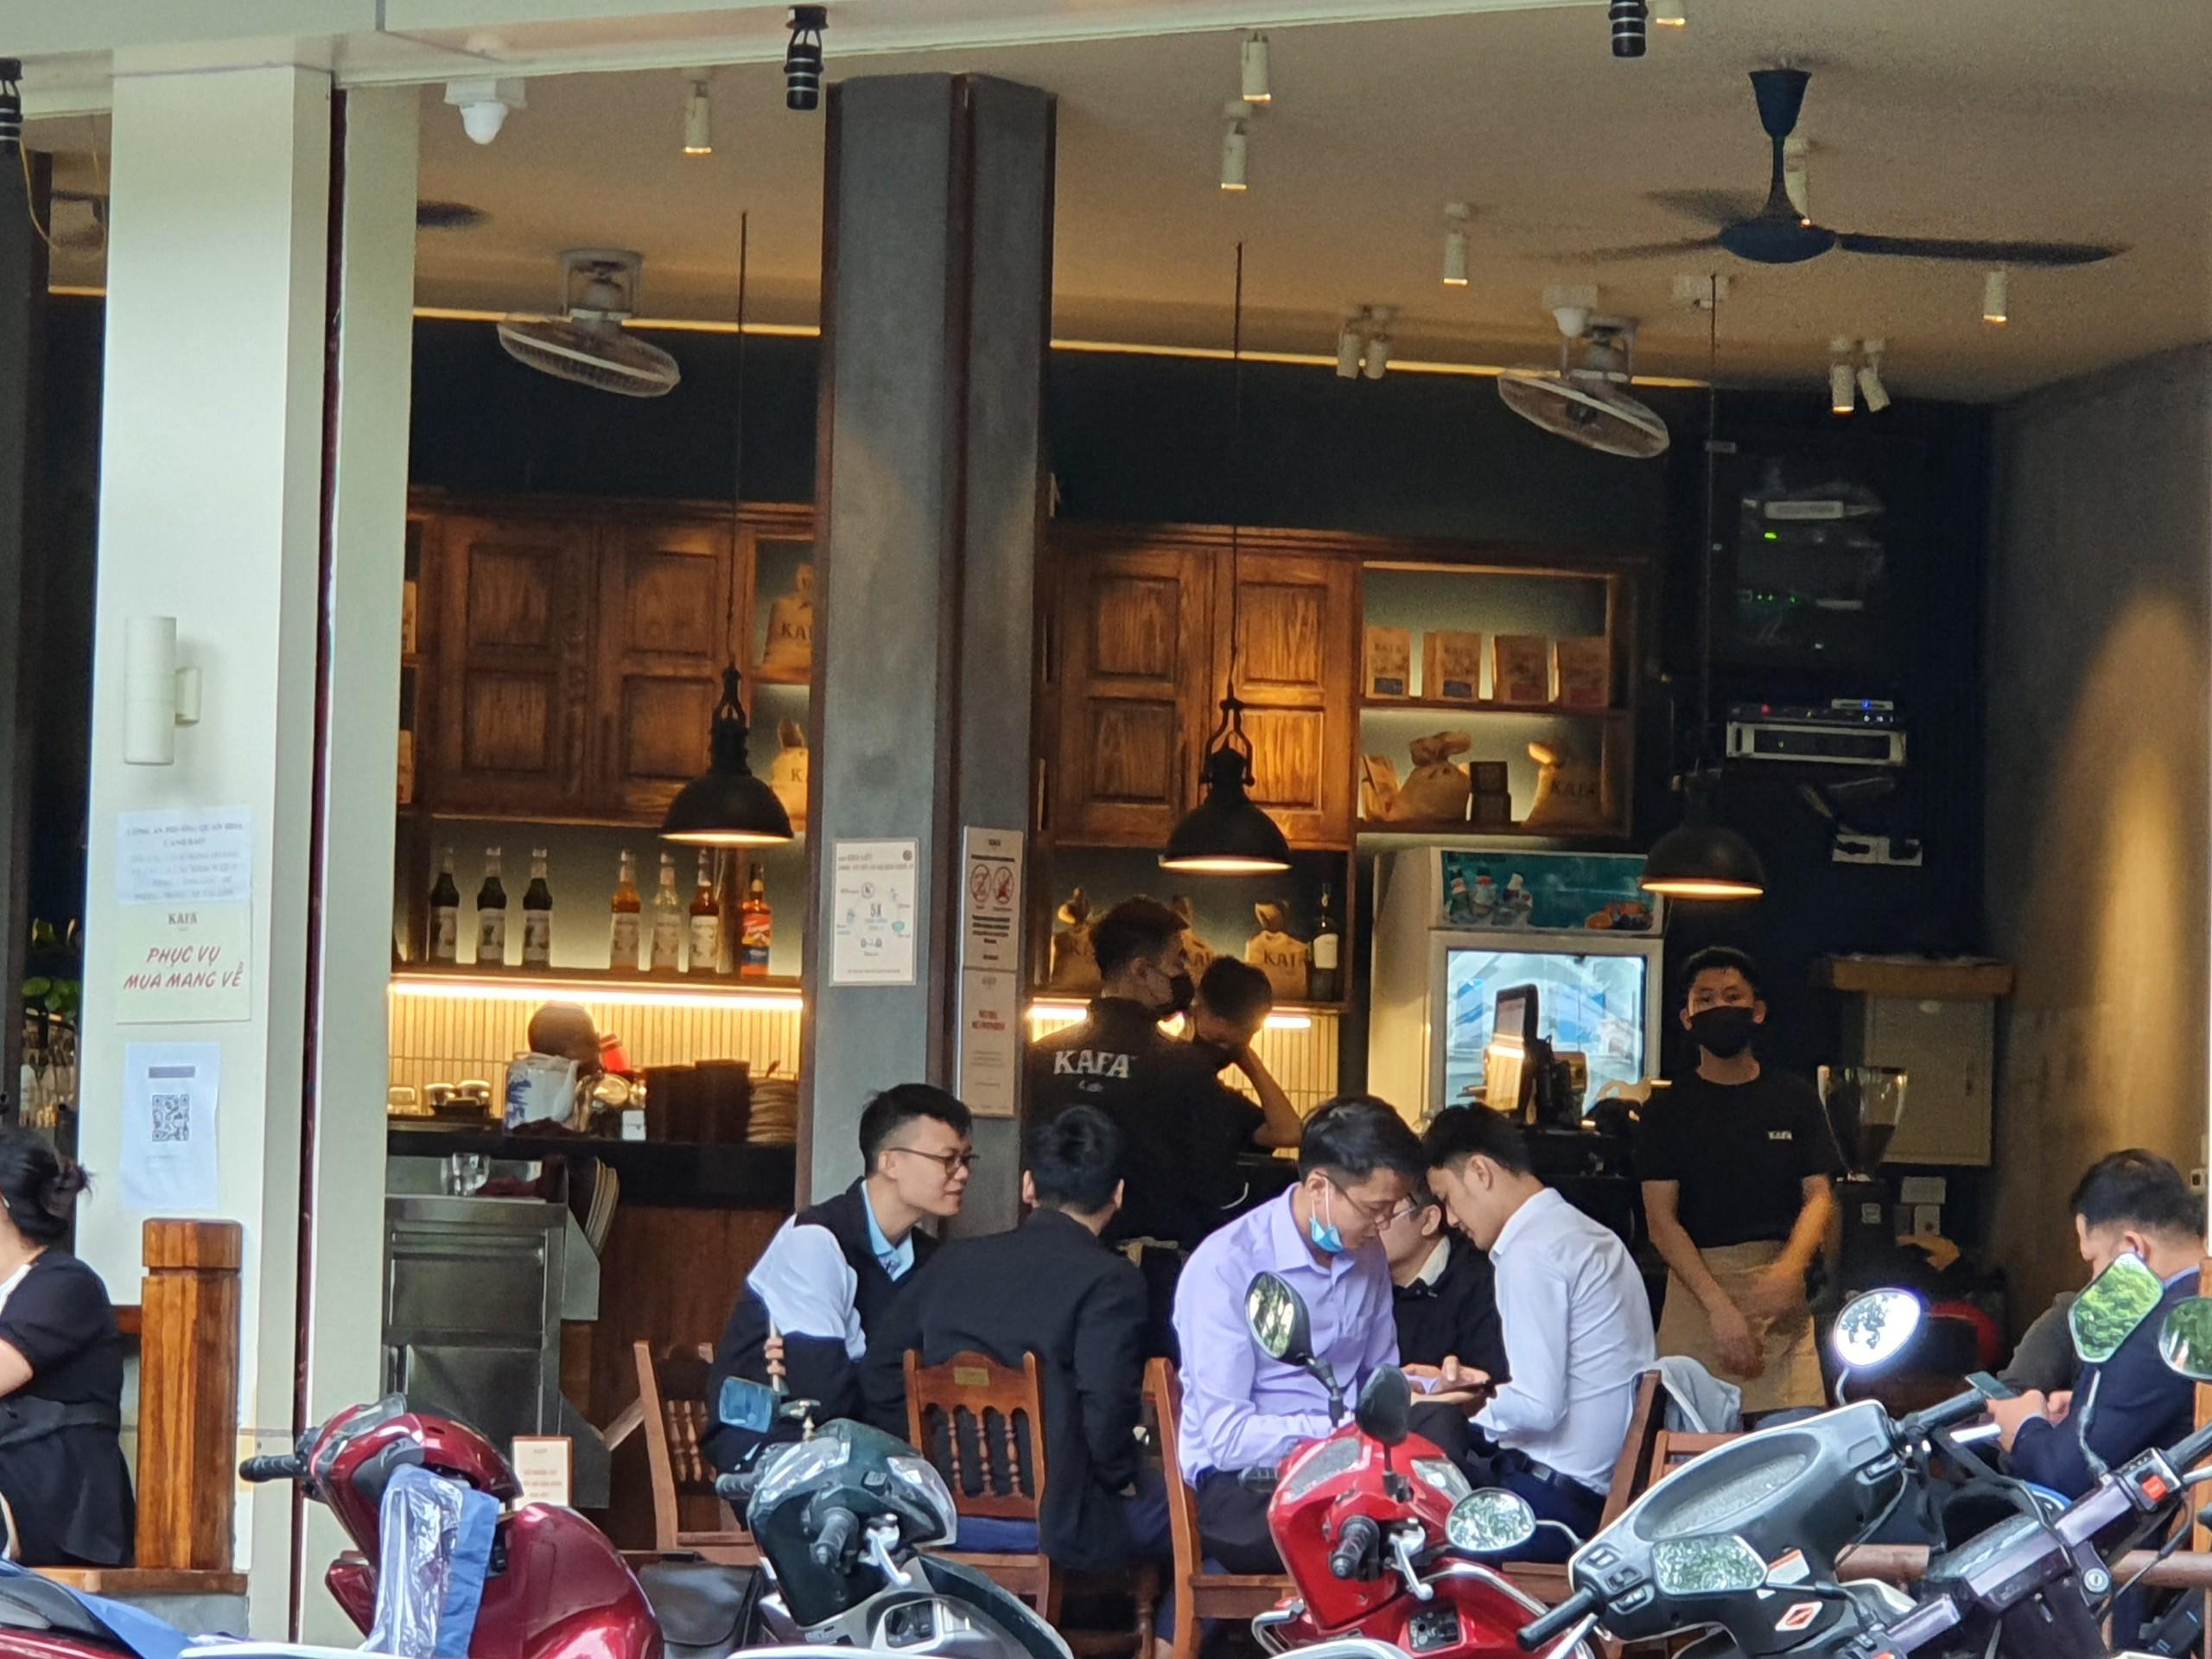 Dù thời tiết mưa lạnh nhưng quán cà phê nào cũng rất đông đúc.